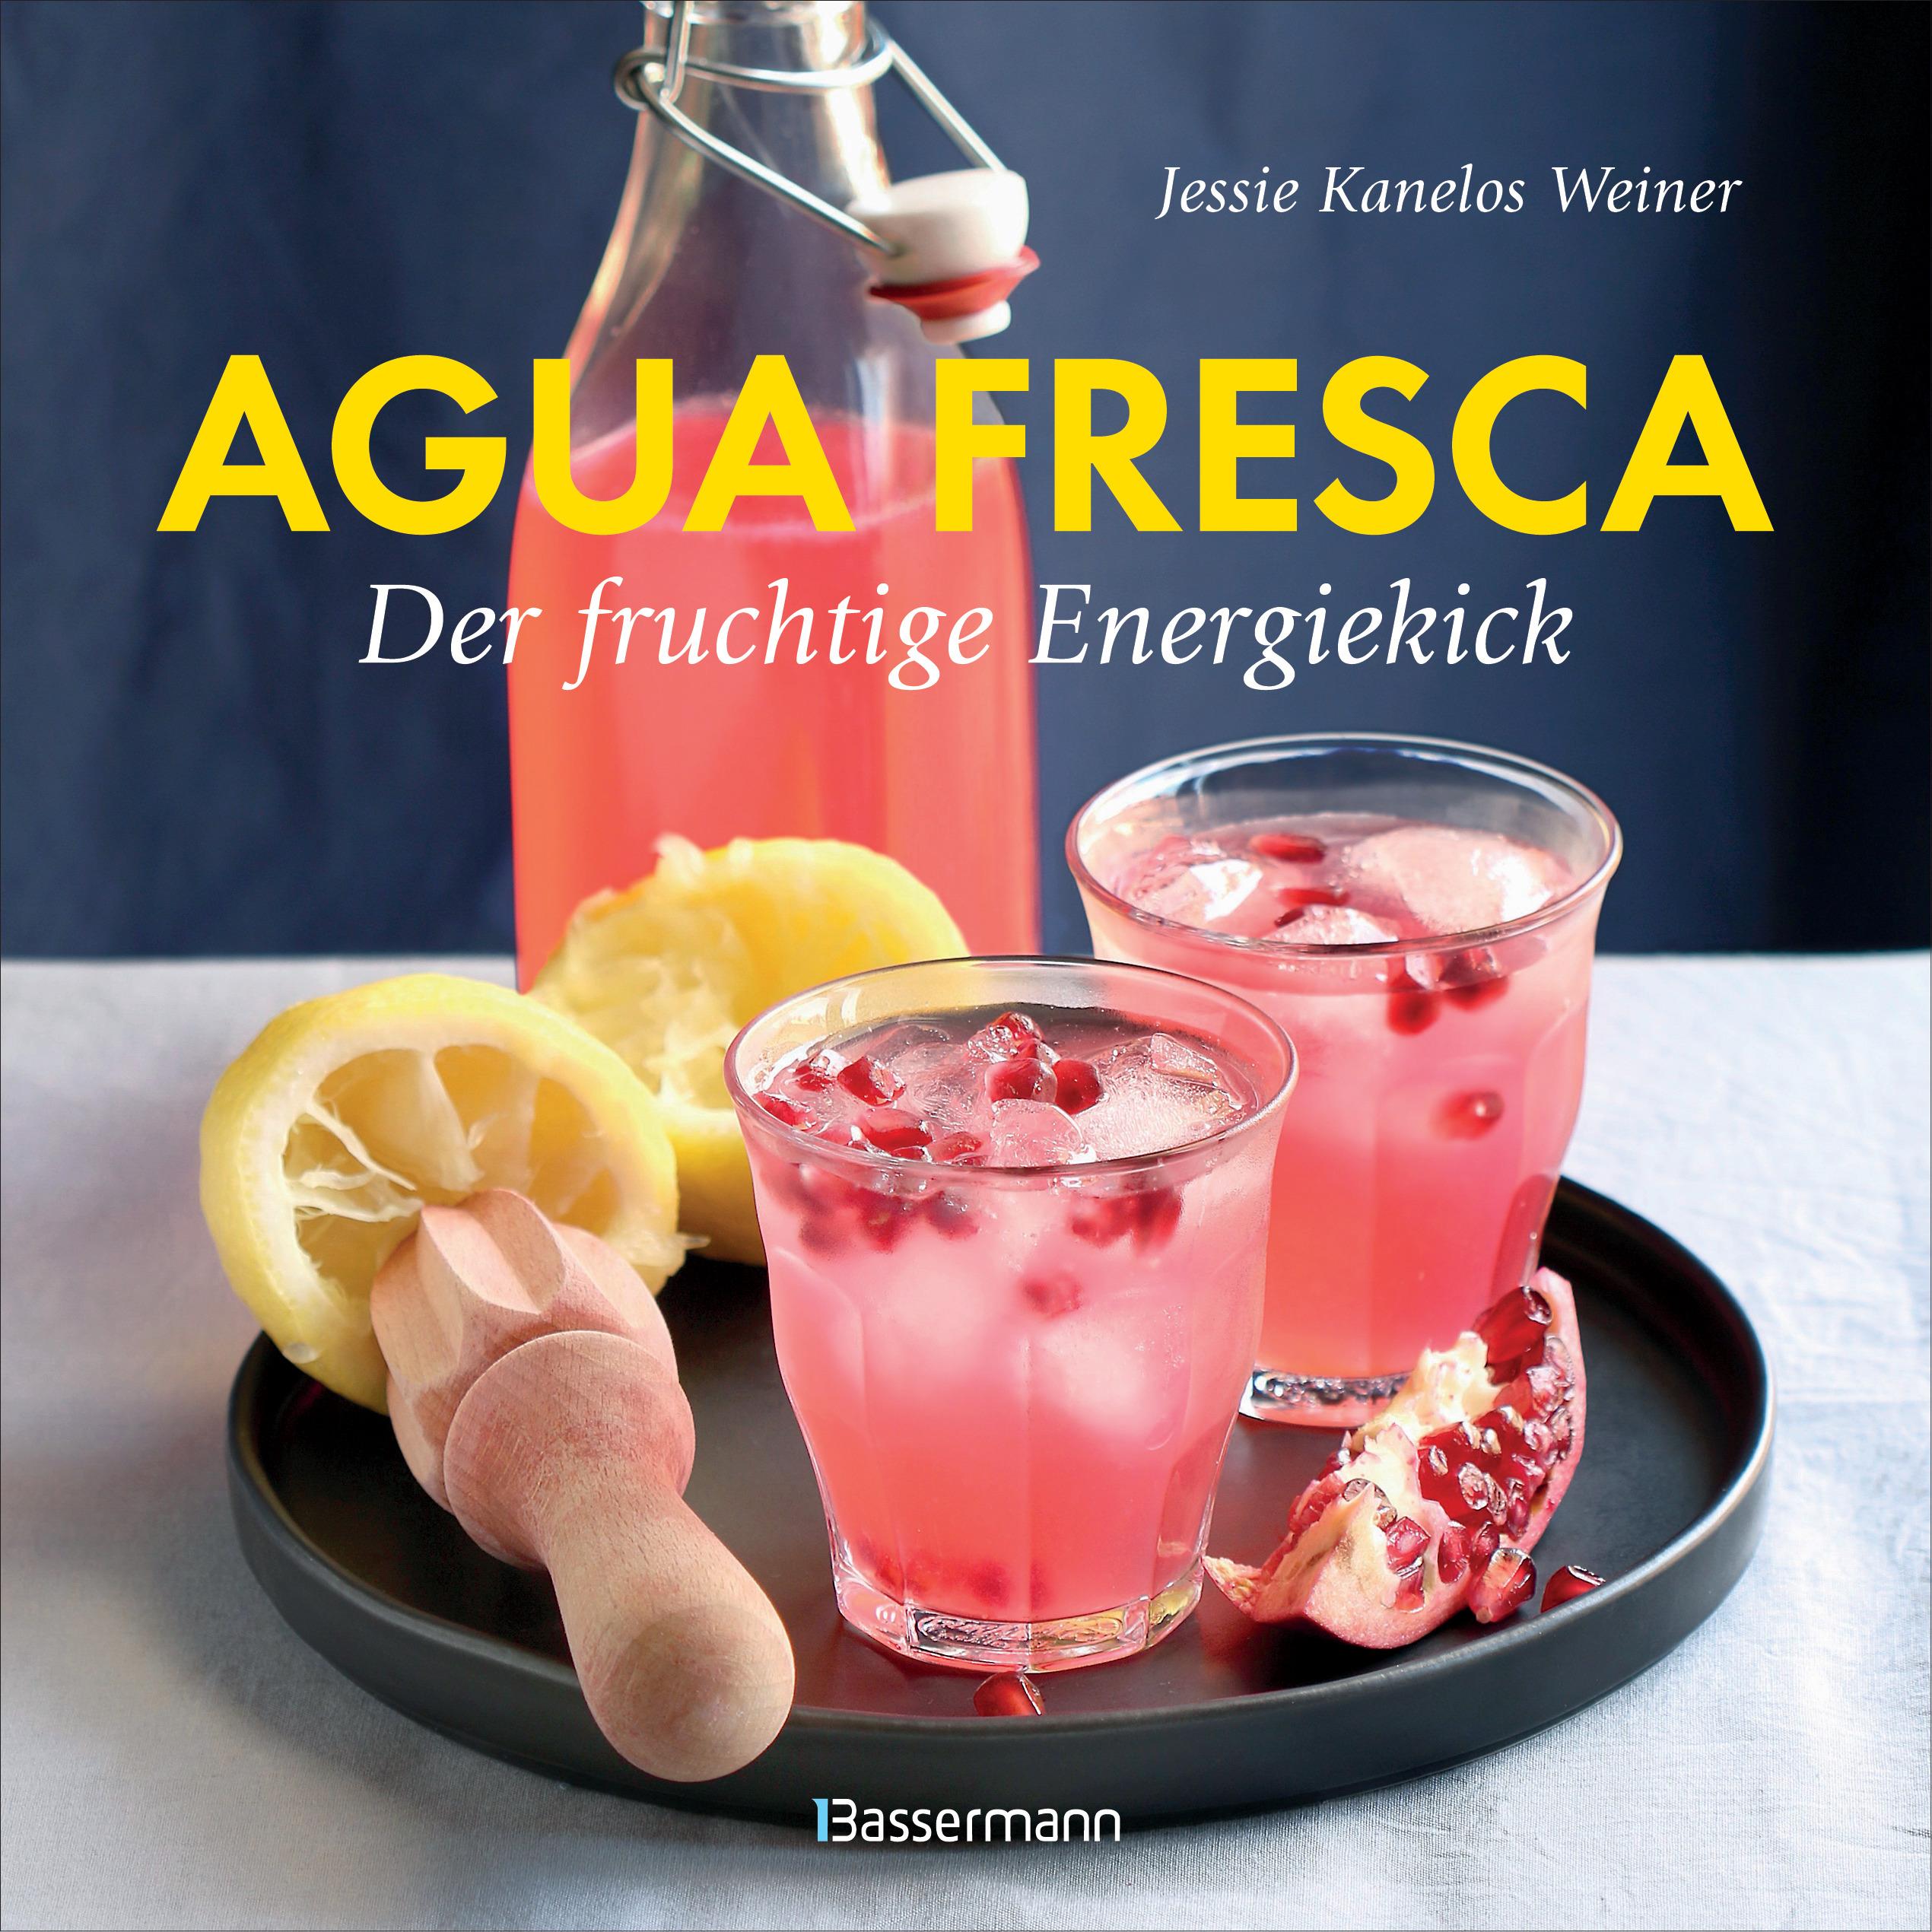 Agua fresca - der fruchtige Energiekick von Jessie Kanelos Weiner